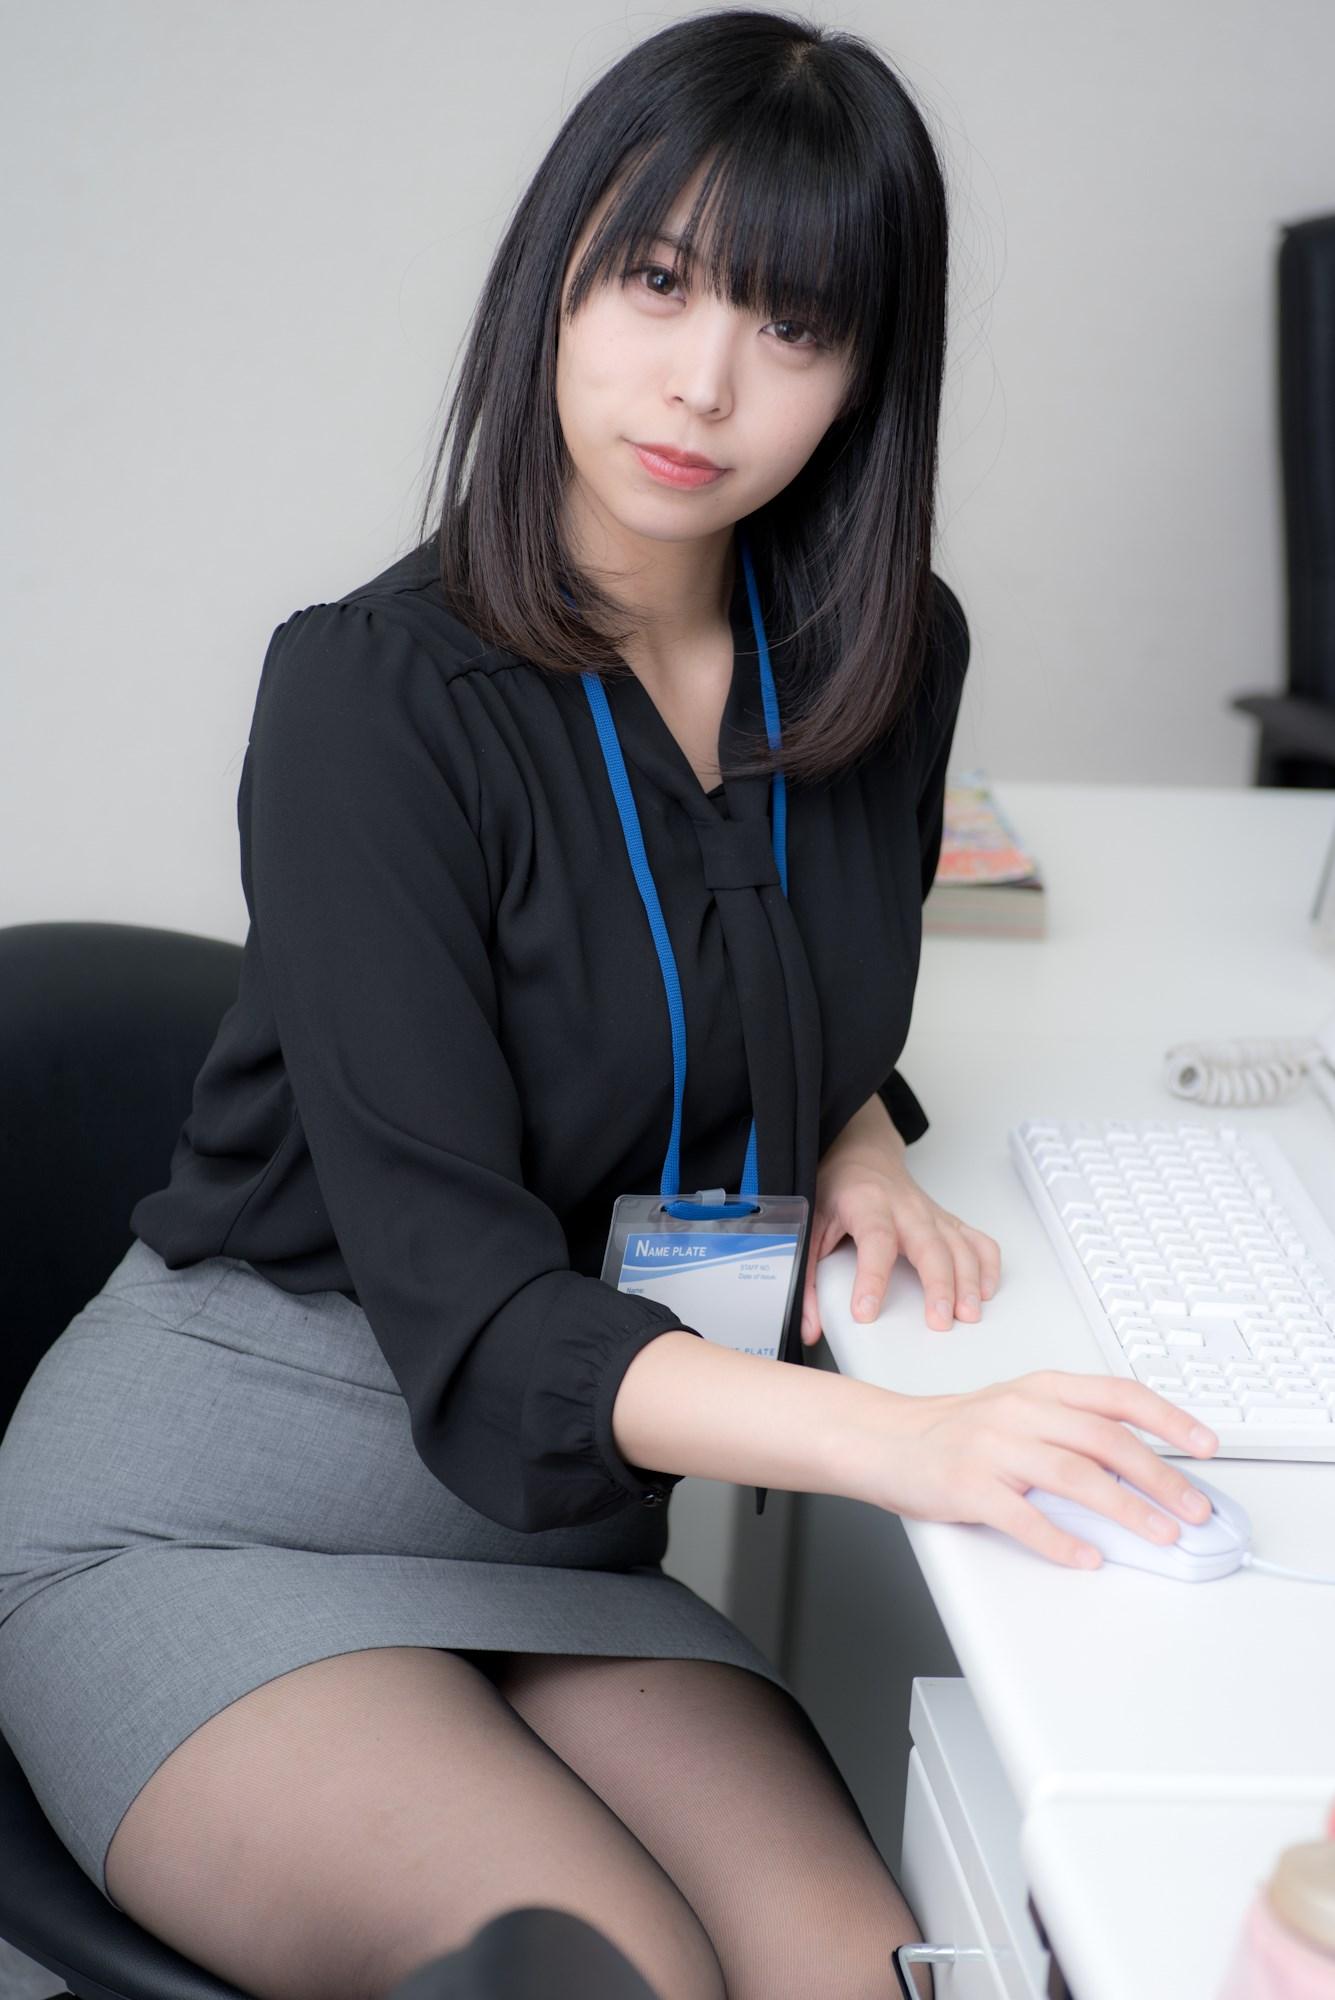 【兔玩映画】办公室的爱 兔玩映画 第35张